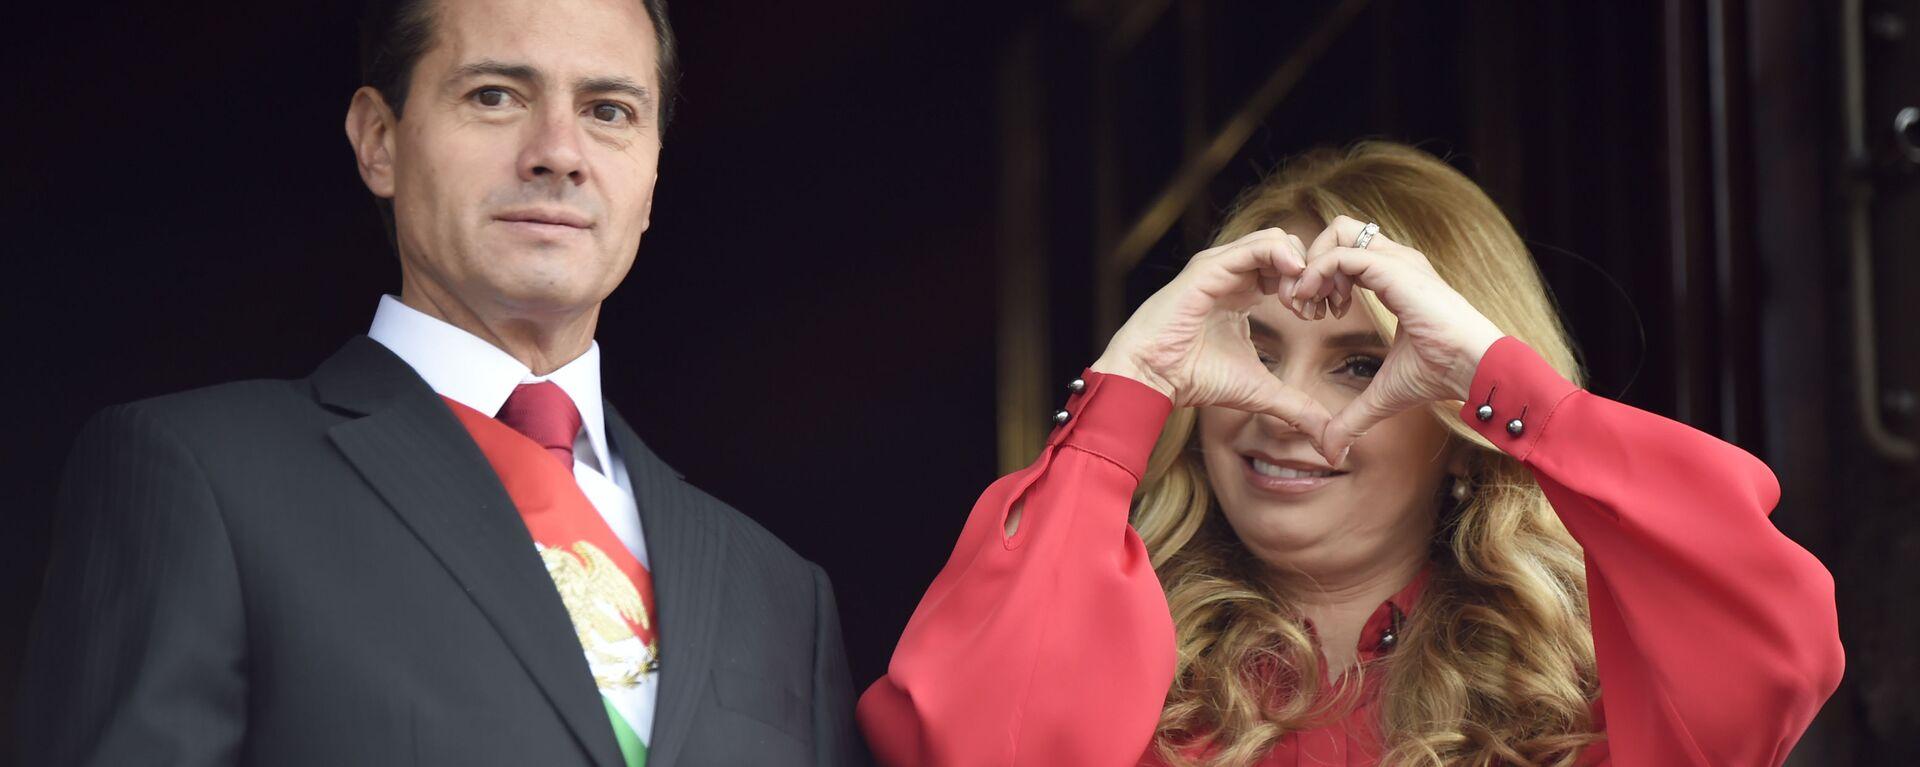 El expresidente de México, Enrique Peña Nieto, y su esposa Angelica Rivera durante la celebración del Día de la Independencia de México en 2018 - Sputnik Mundo, 1920, 15.09.2020